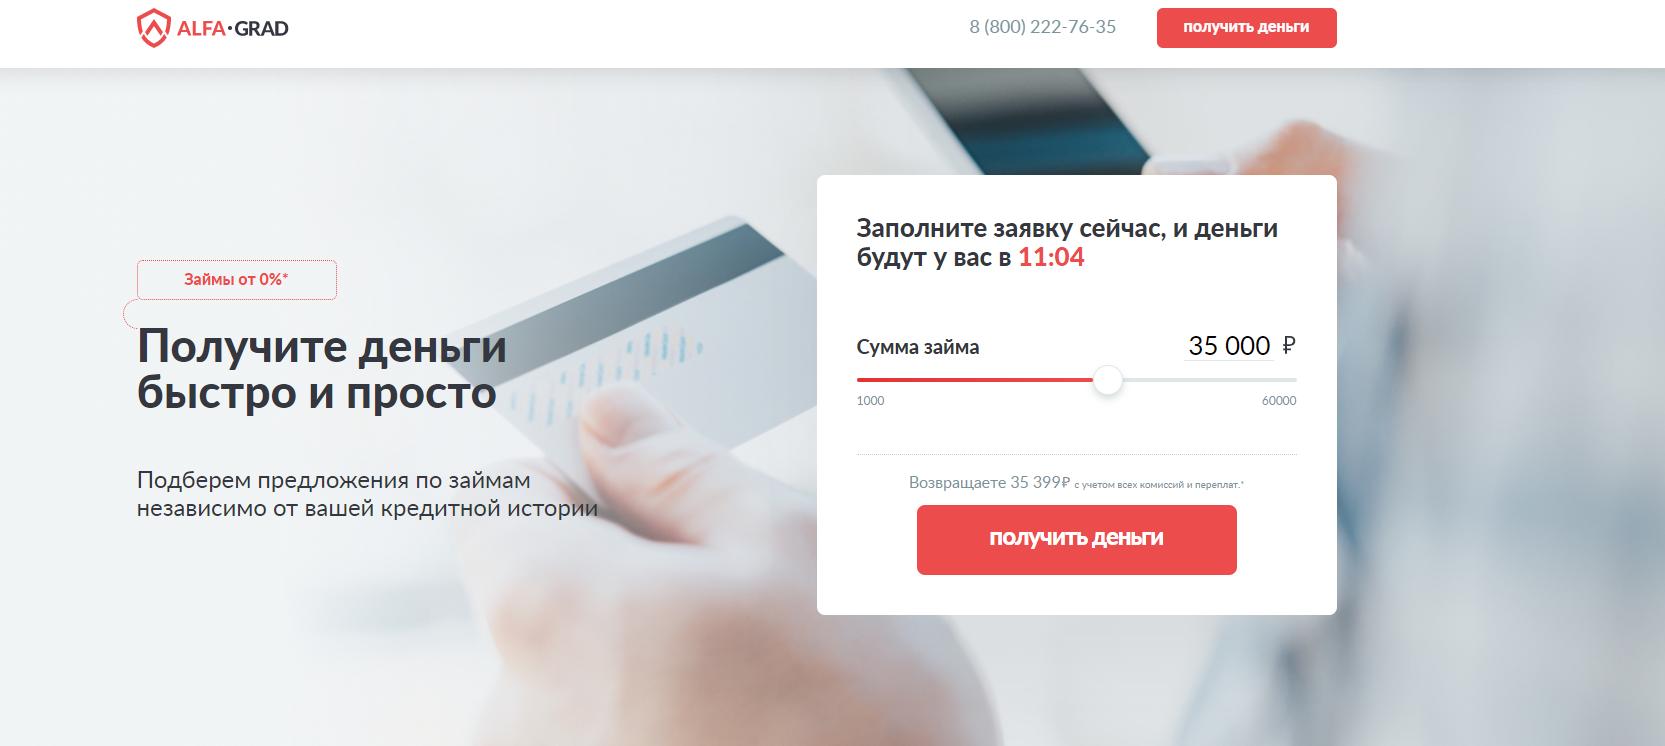 alfagrad-kak-otpisatsya_